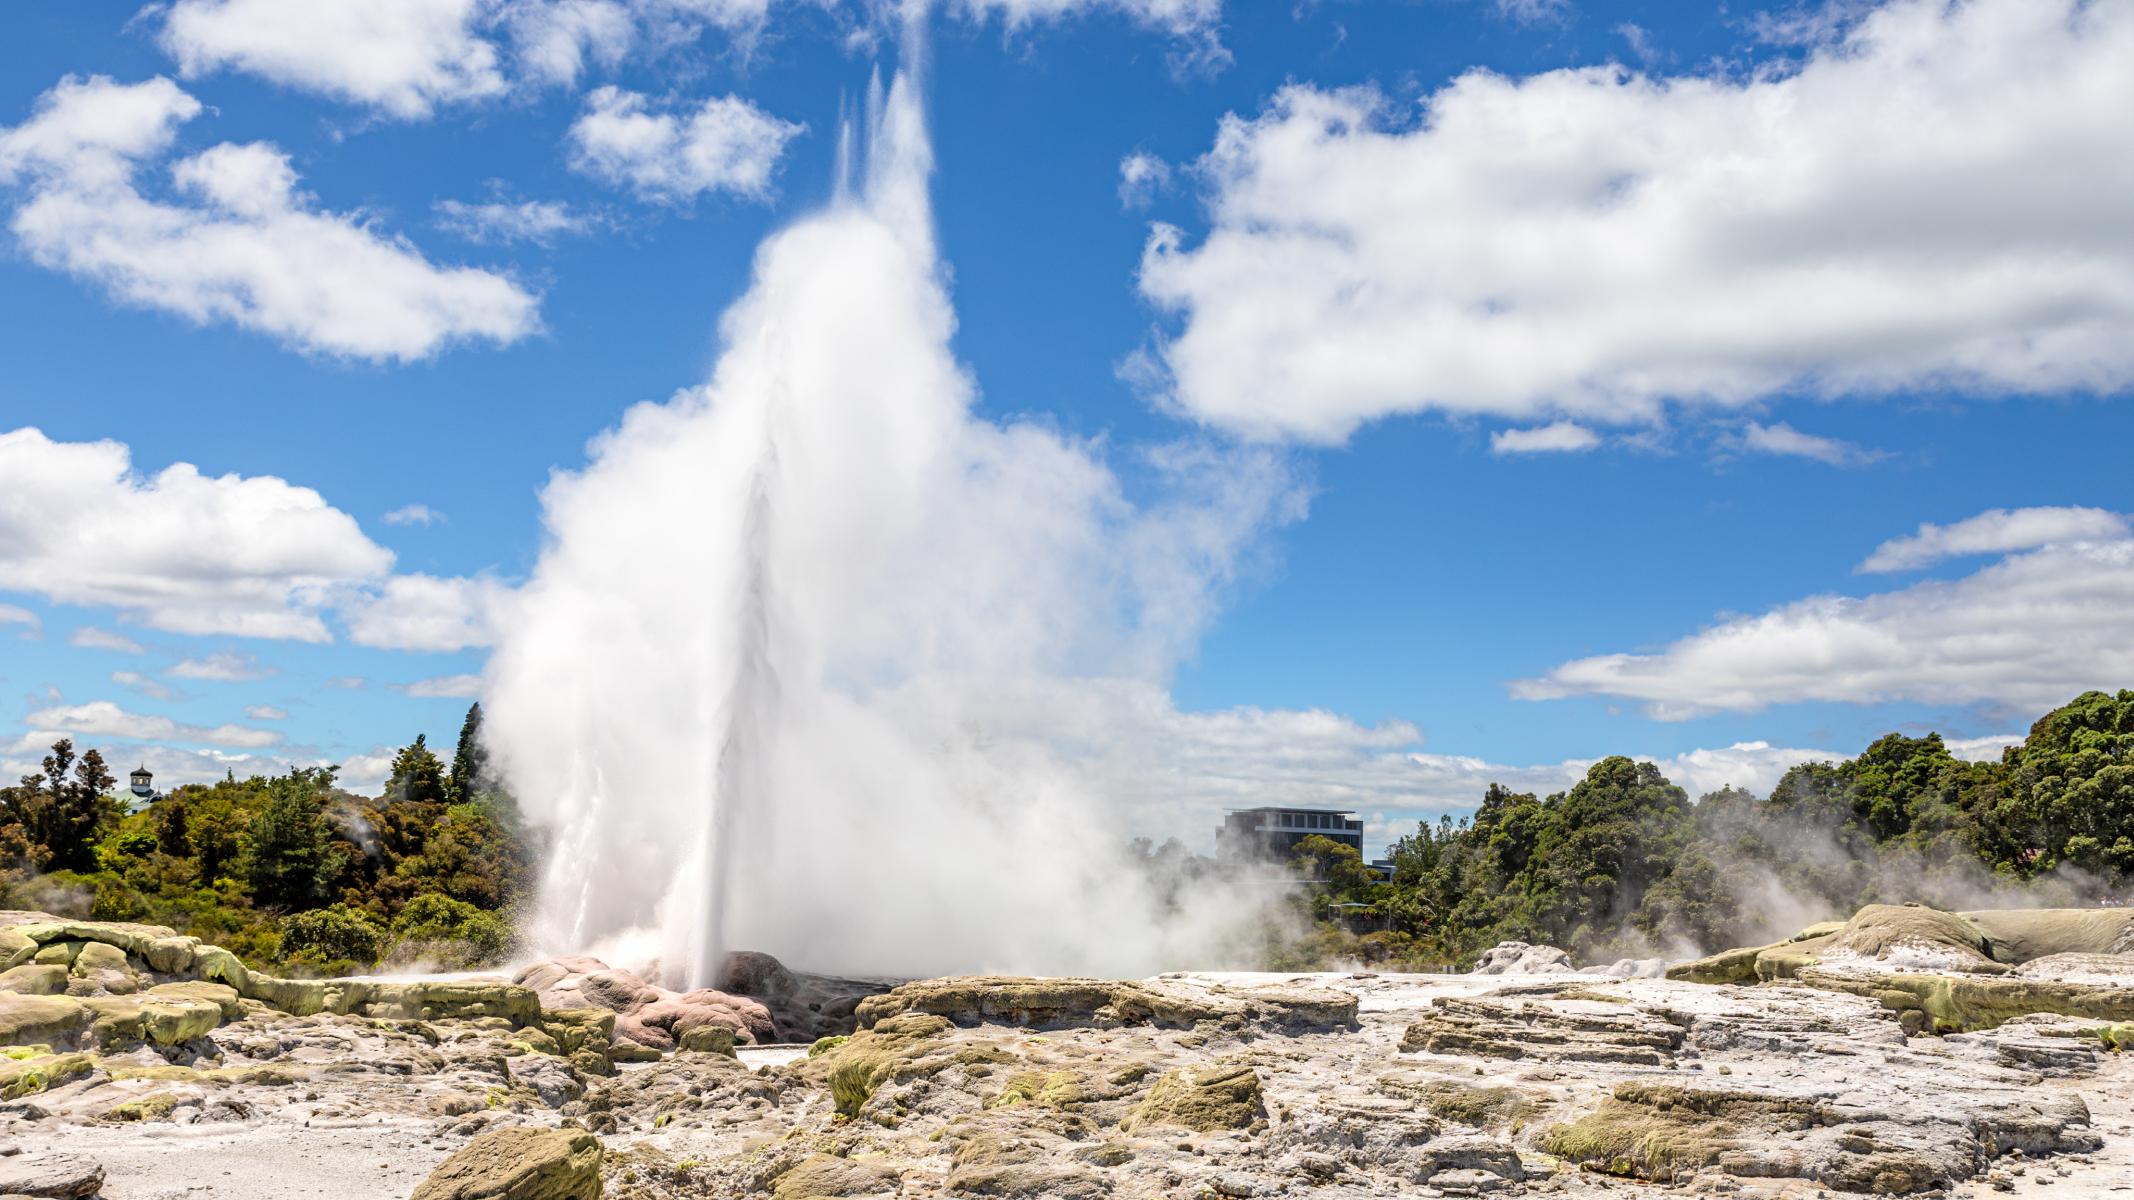 Geyser erupting in Rotorua, New Zealand